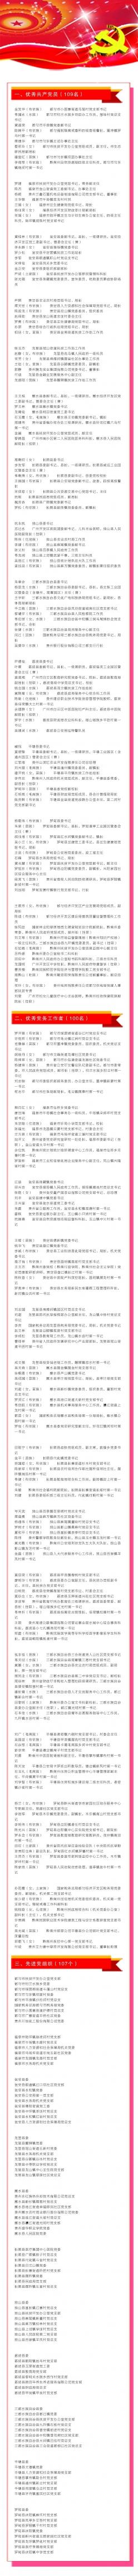 中共黔南州委關于表彰脫貧攻堅優秀共產黨員、優秀黨務工作者、先進黨組織的決定